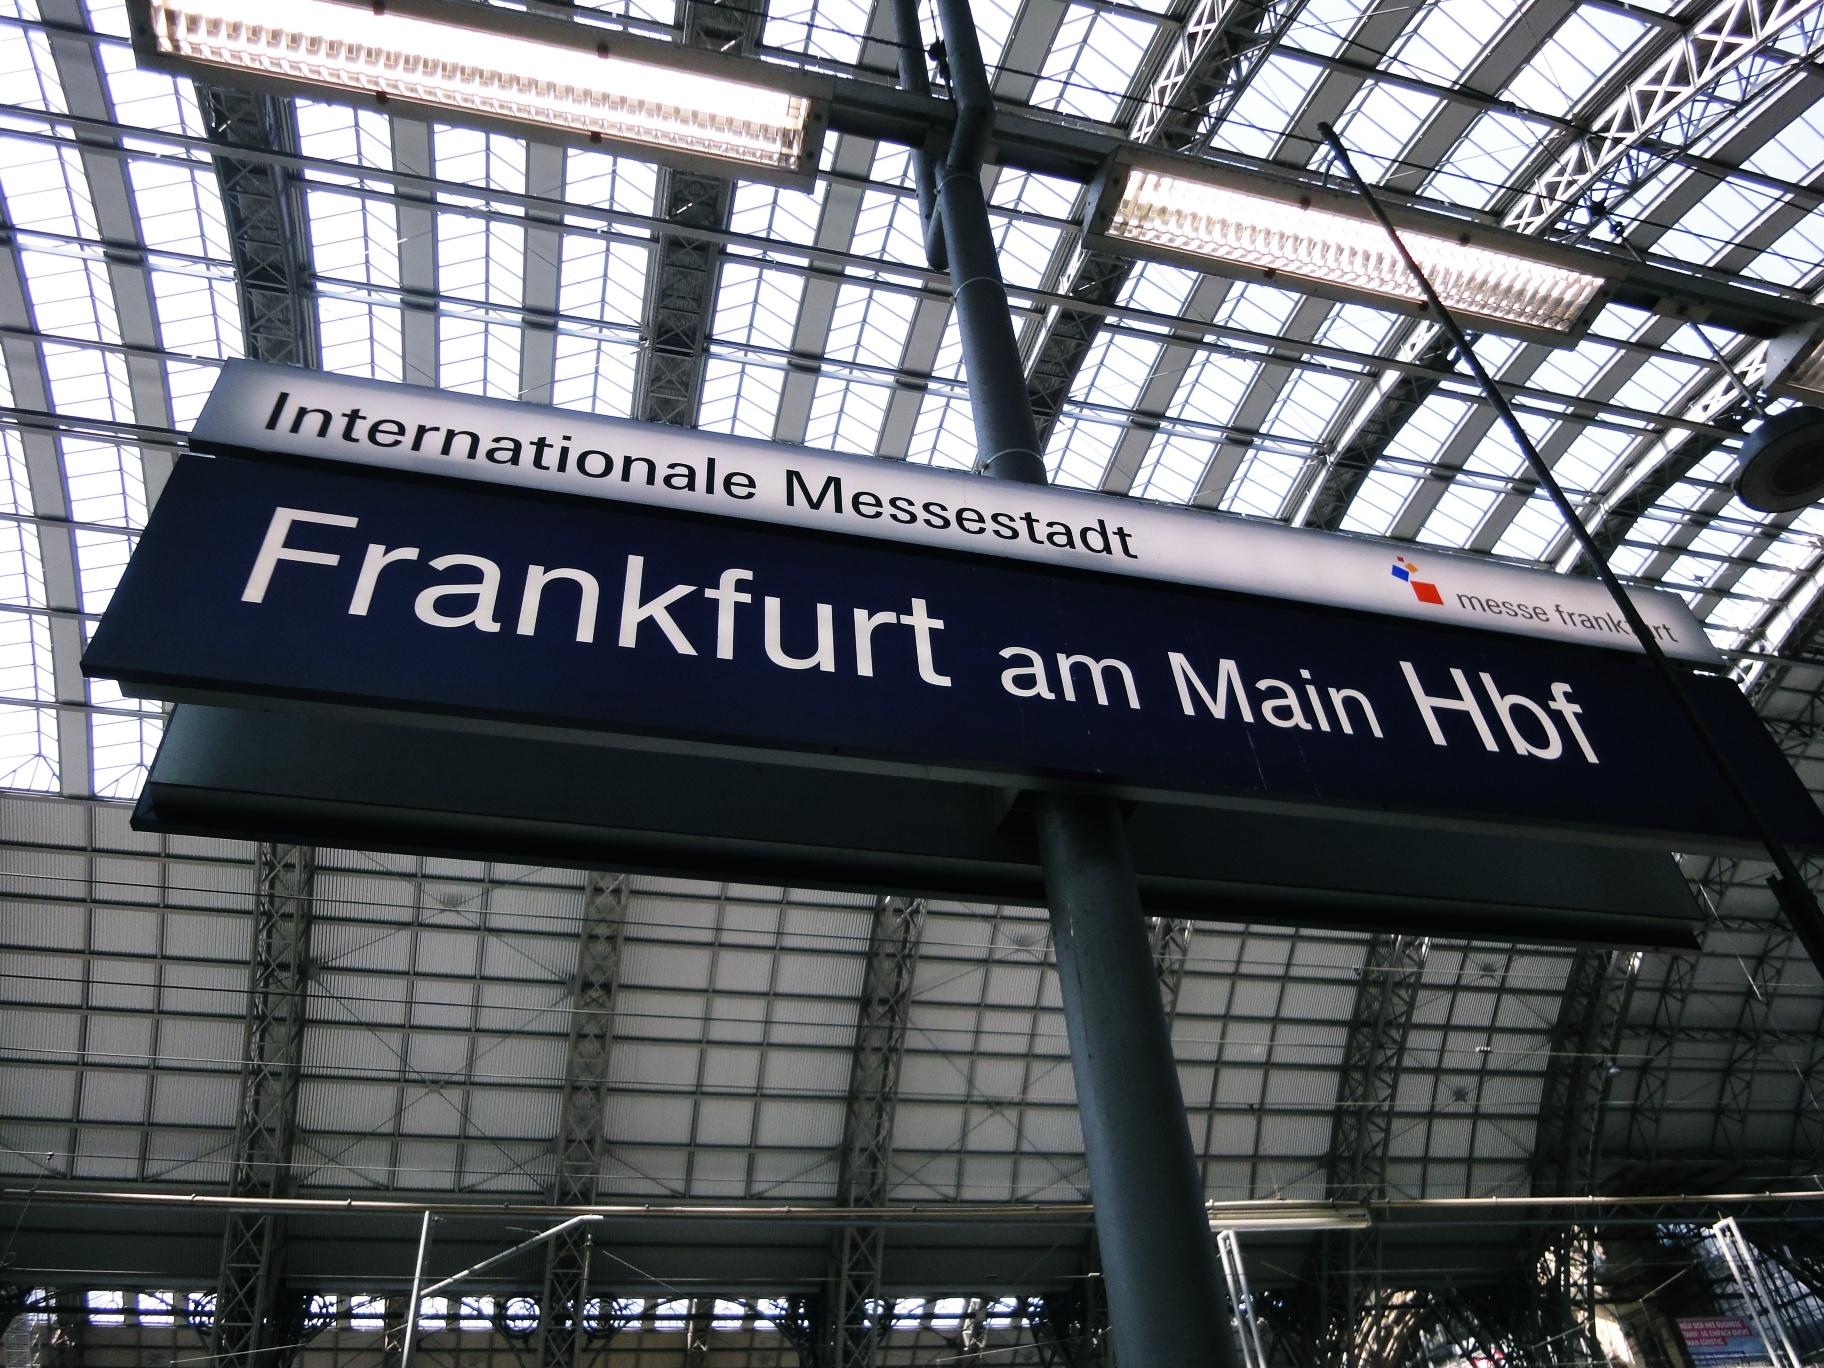 FrankfurtHbf